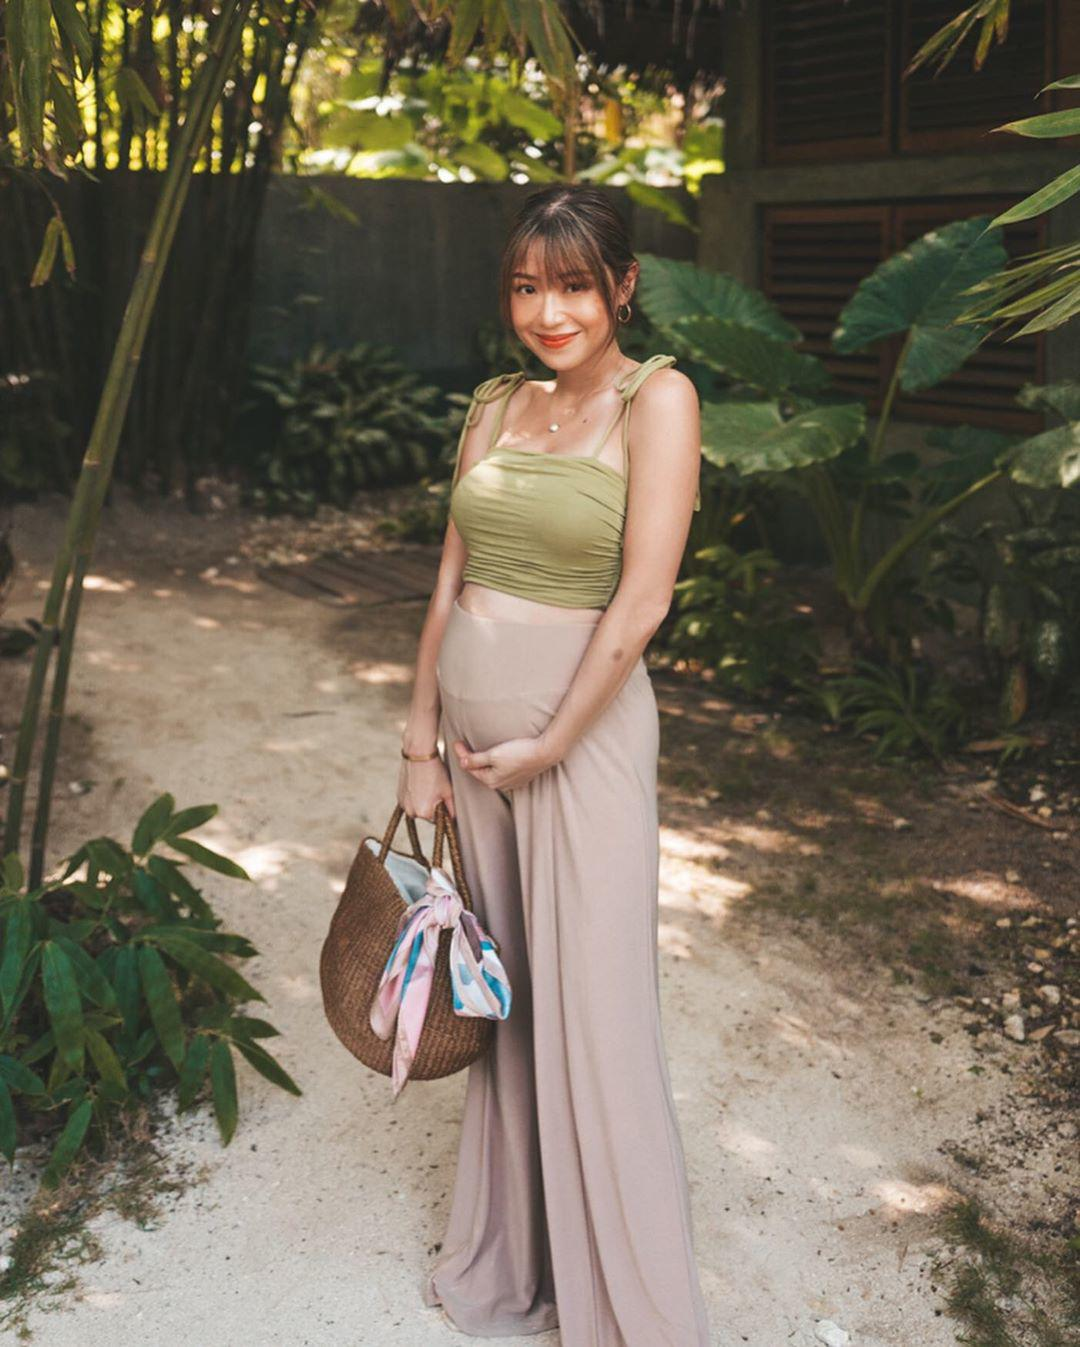 Hết mang giày cao lênh khênh, bạn gái Mạc Văn Khoa lại mê diện đồ ôm sát khi mang bầu - 12